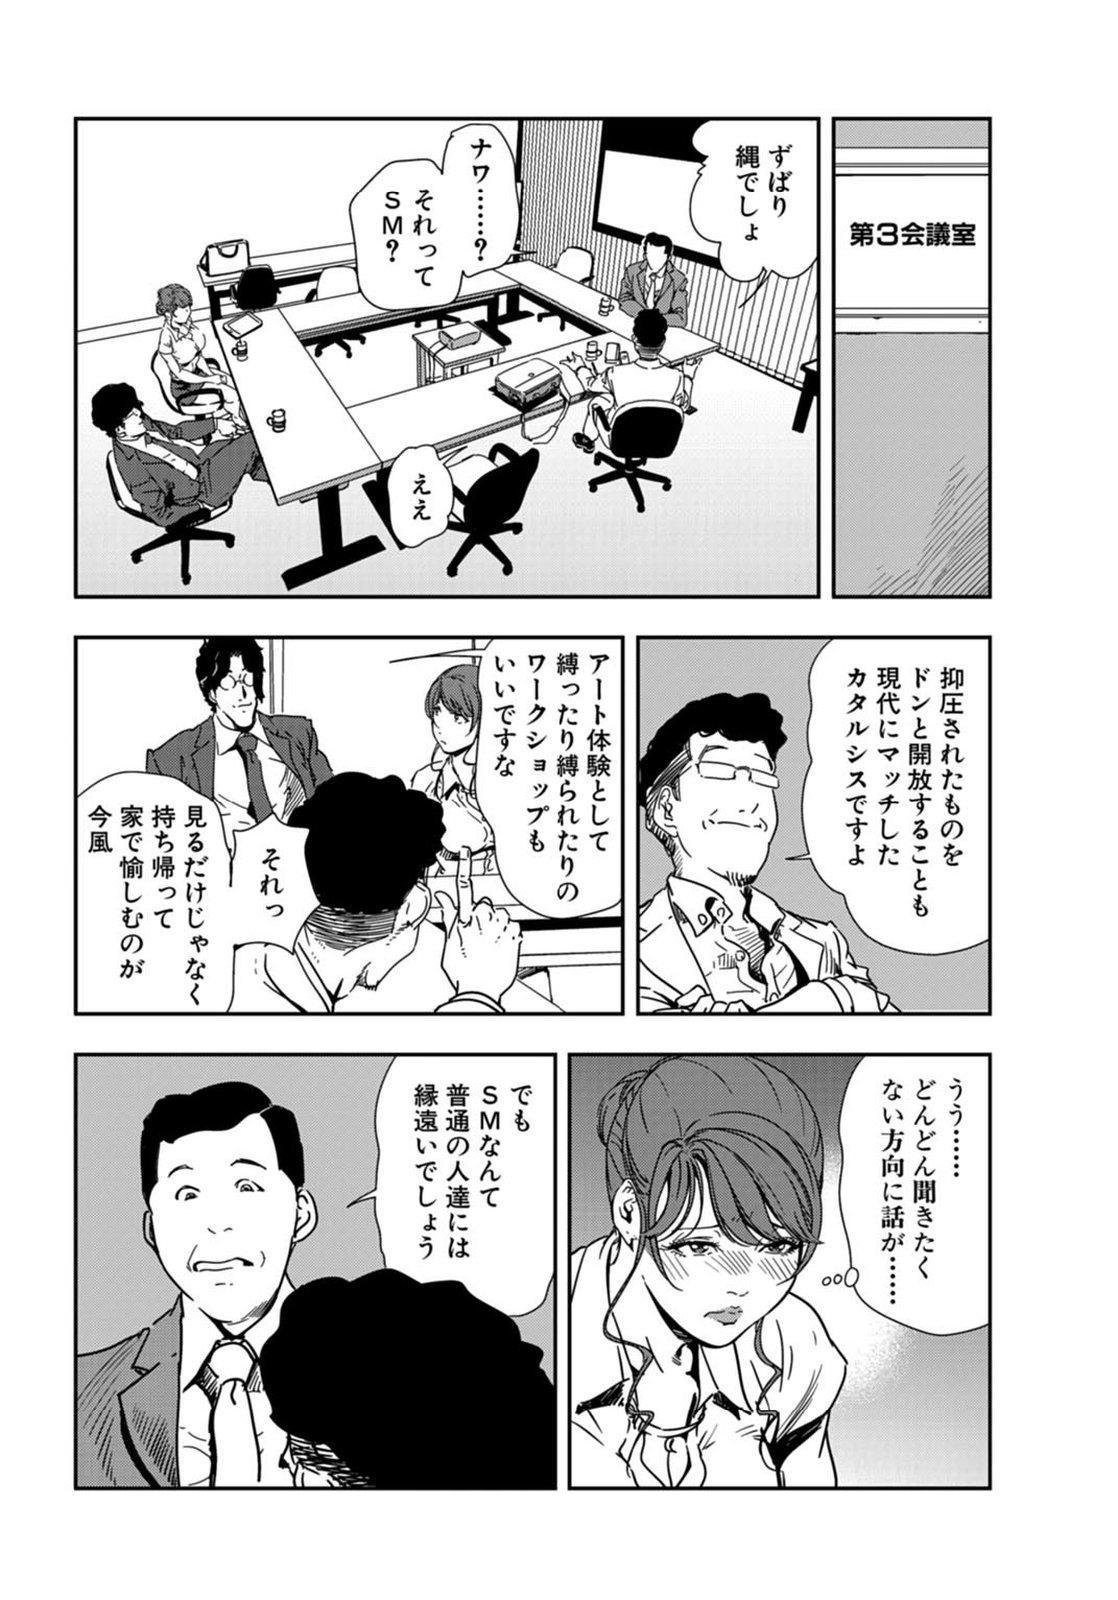 Nikuhisyo Yukiko 21 7